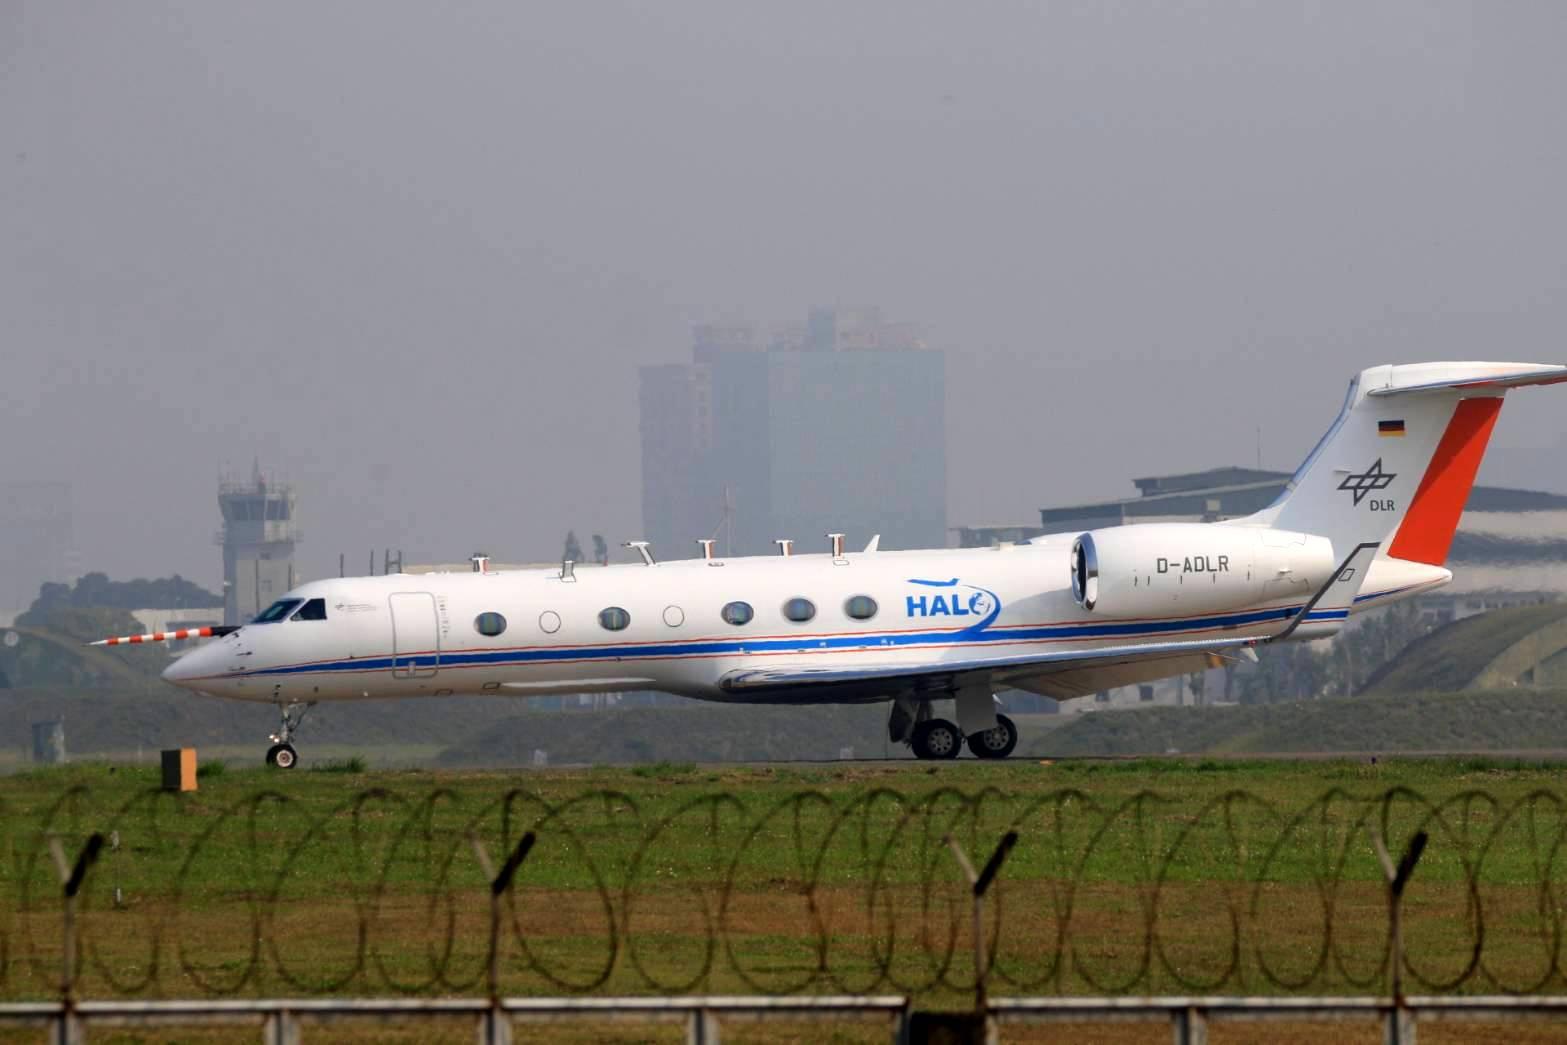 「臺灣大氣化學轉化與污染傳輸計畫」的高空研究飛機。圖│吳姿蓉提供